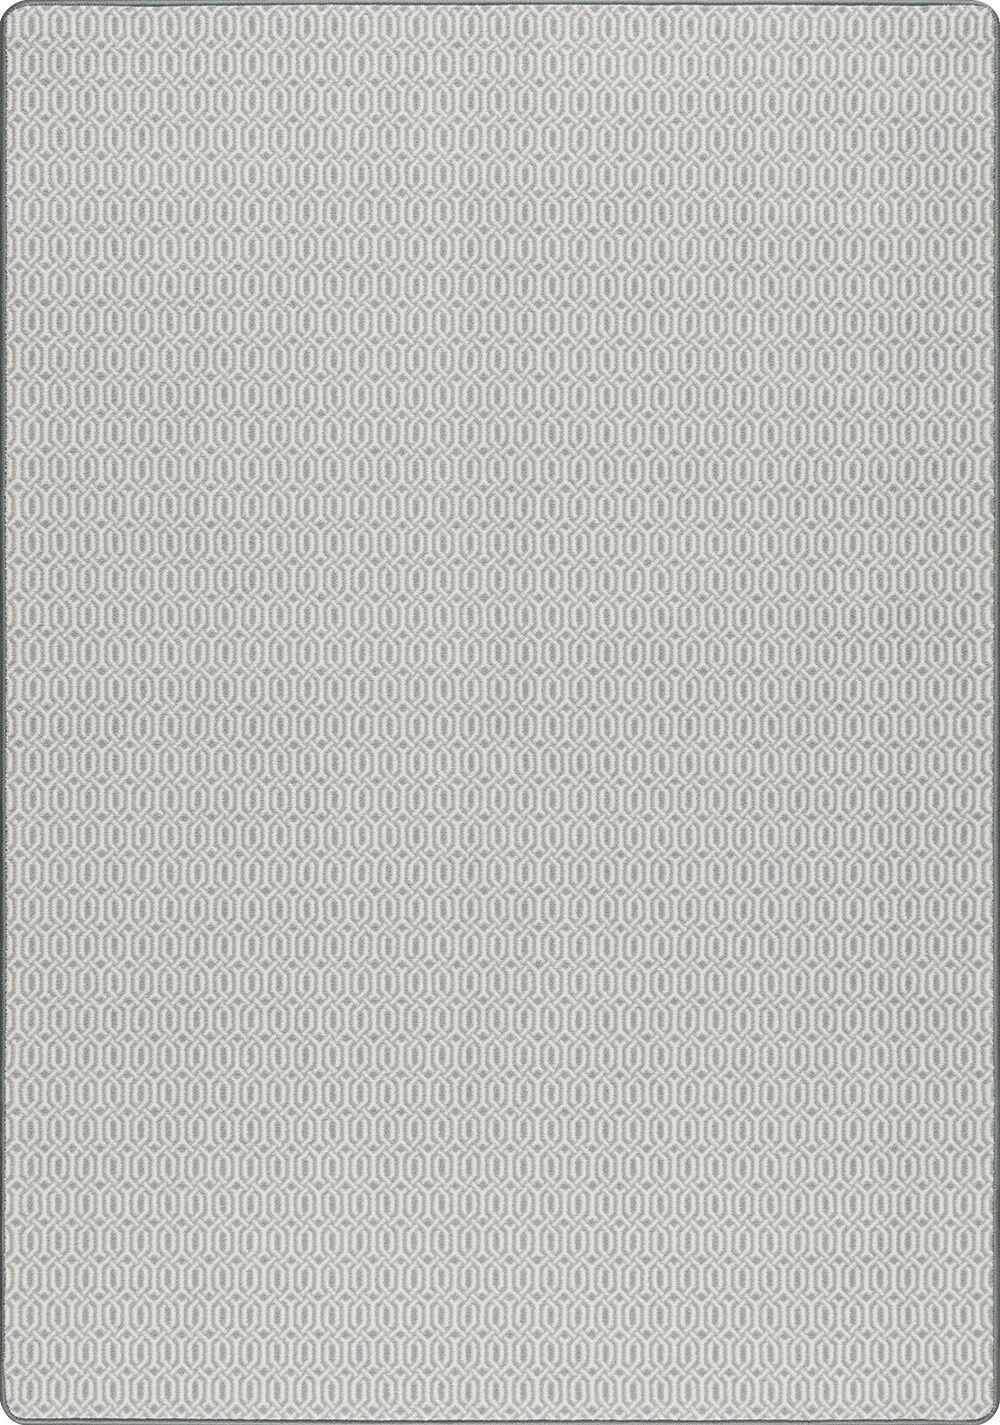 Broom Gray Area Rug Rug Size: Rectangle 5'4